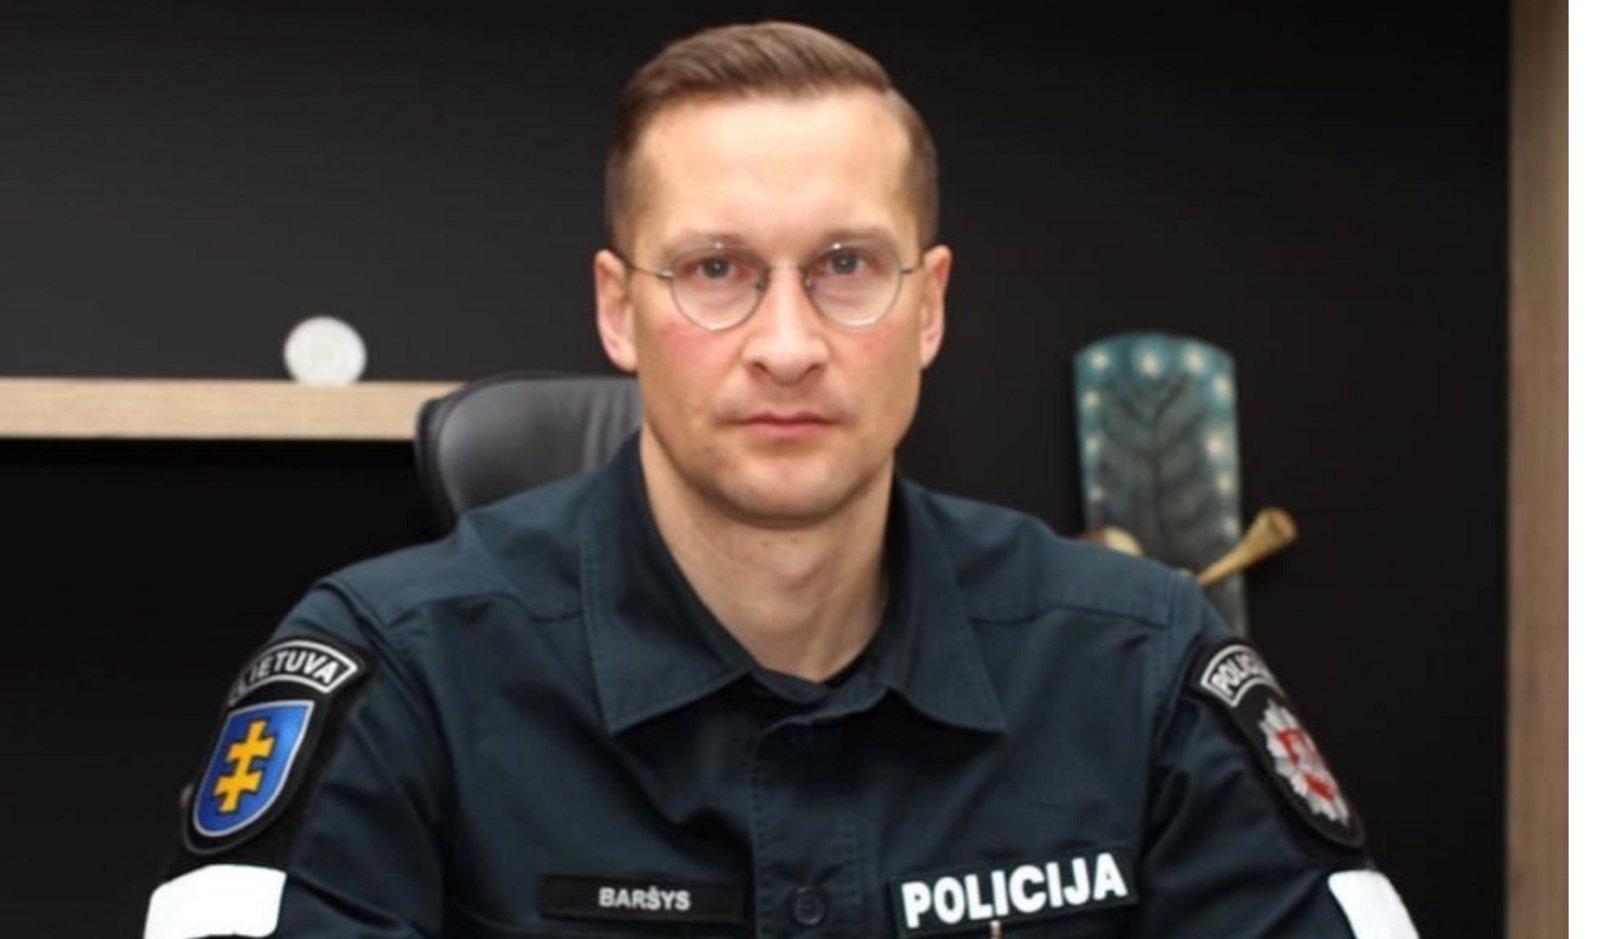 Kauno apskrities policijos viršininko atranką laimėjo M. Baršys